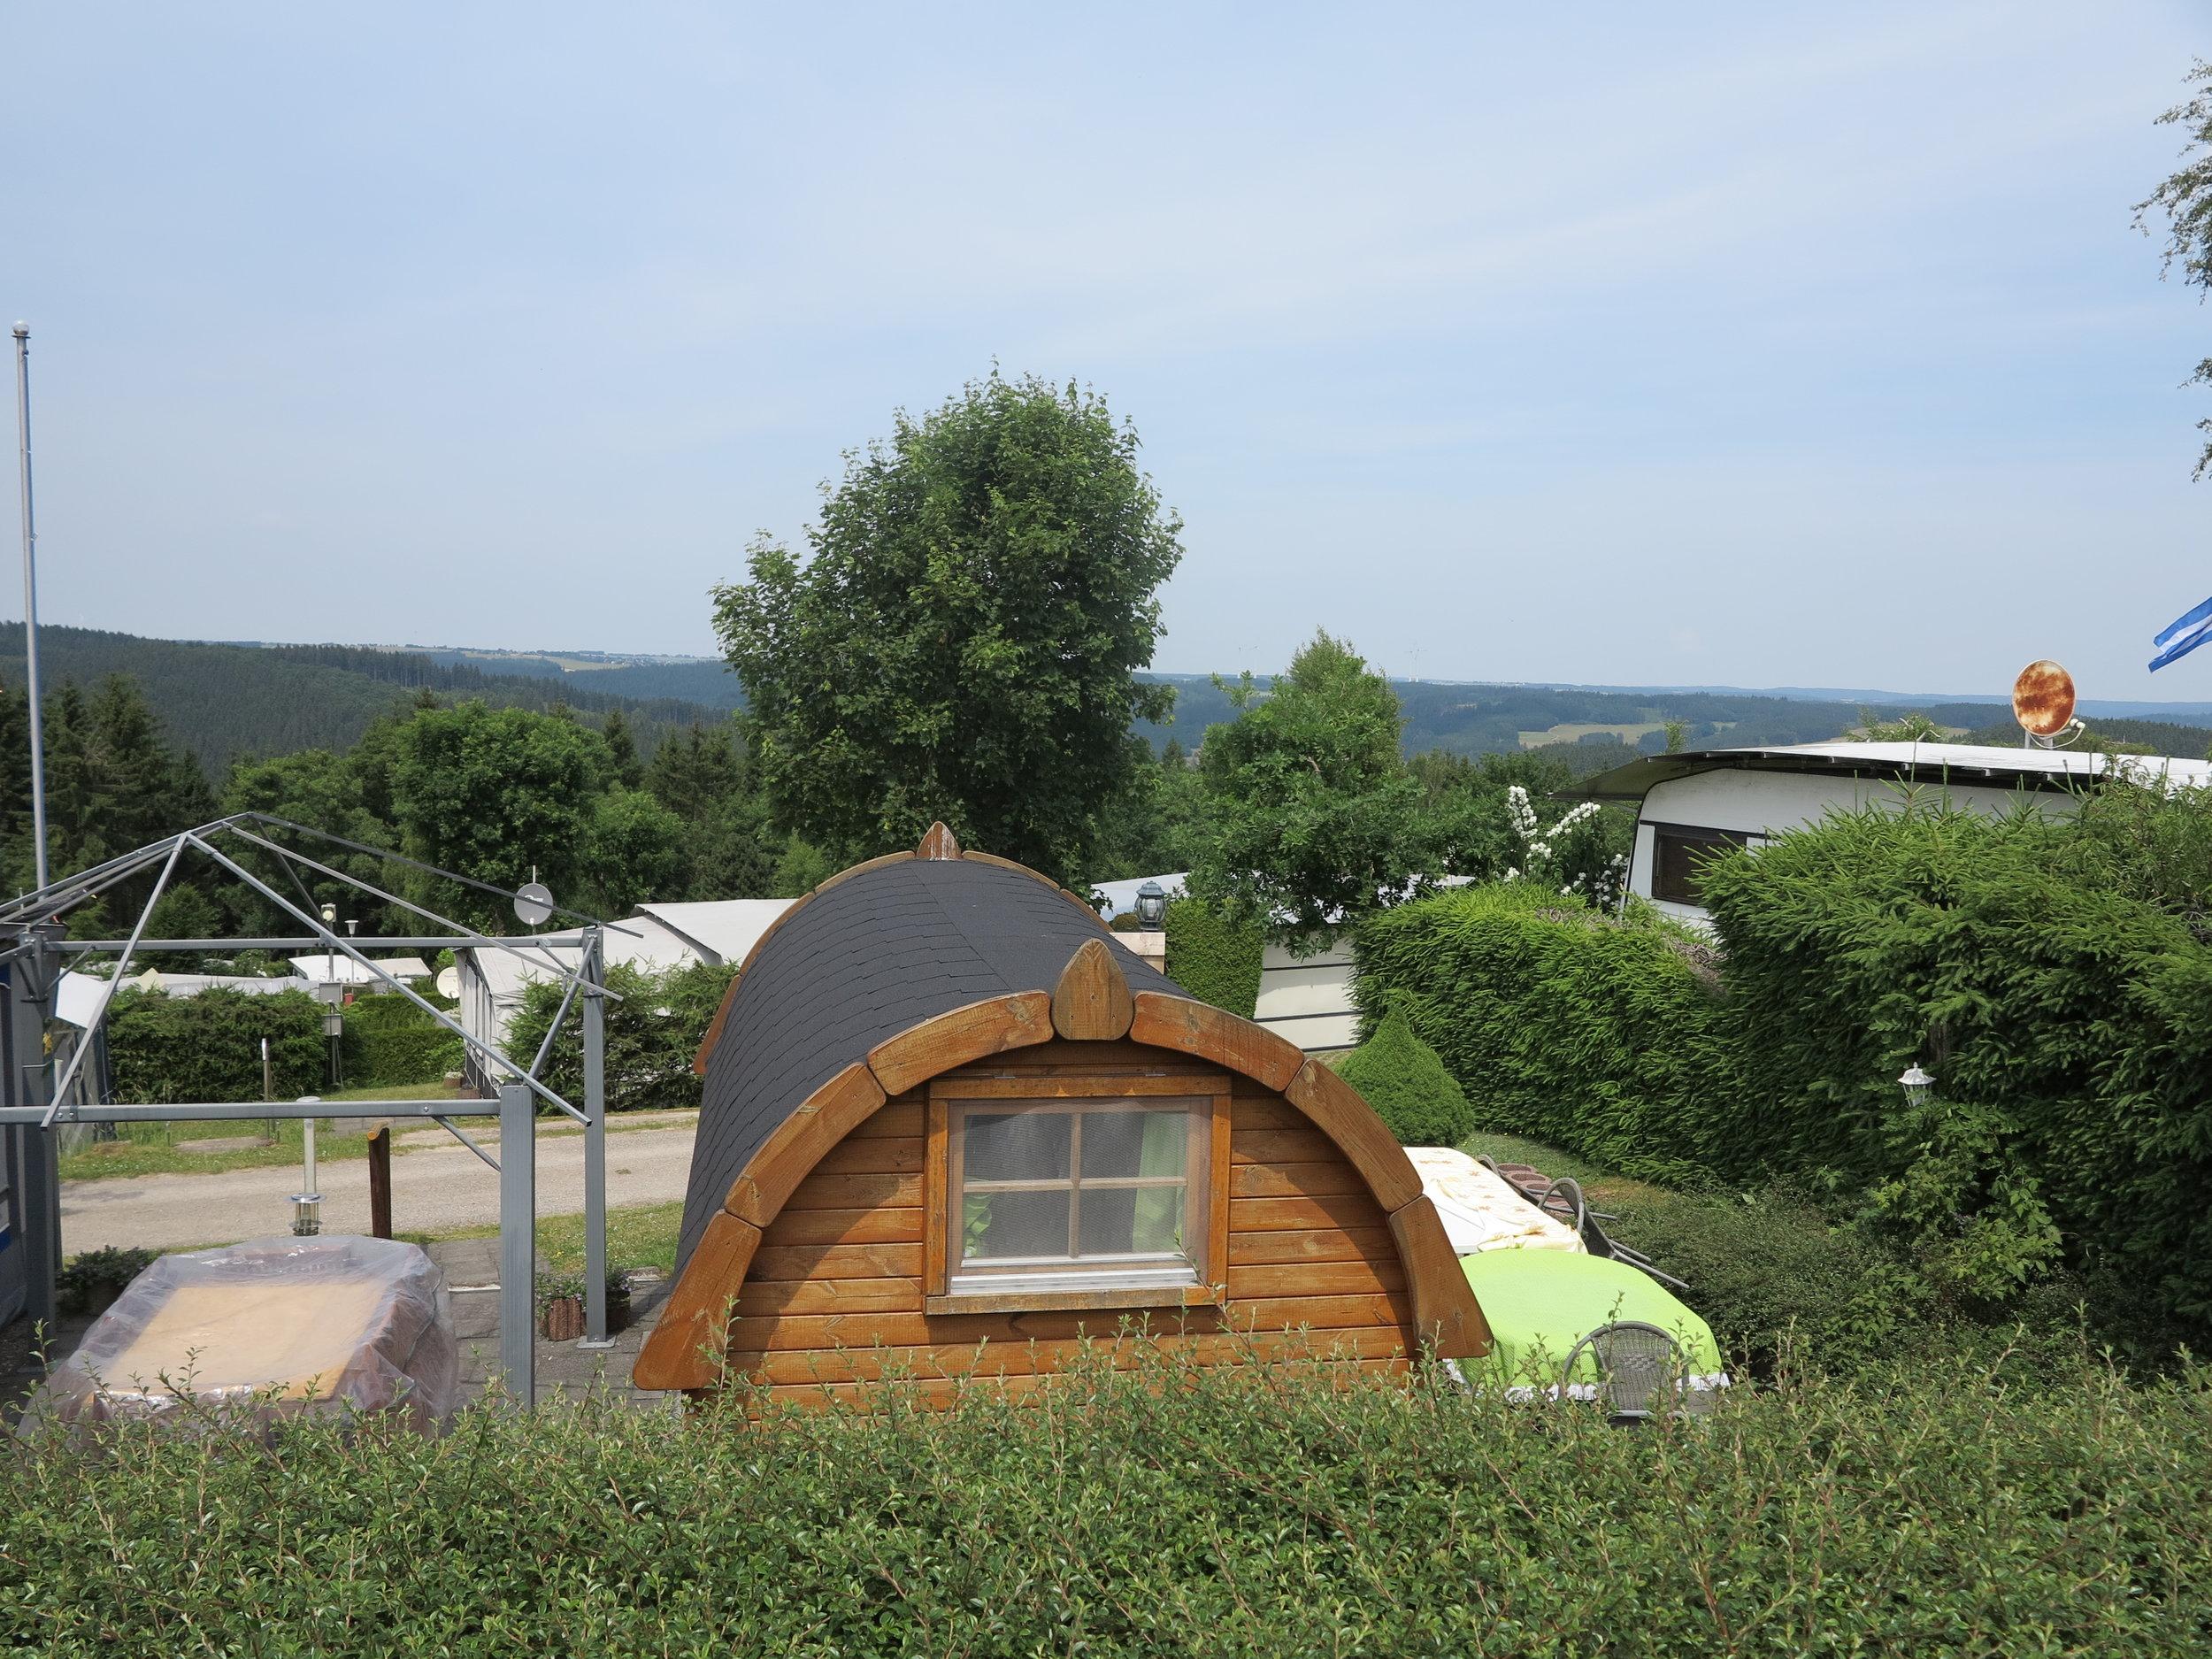 Auf dem Gelände des Campingplatzes verstecken sich gleich mehrere Schlaffässer